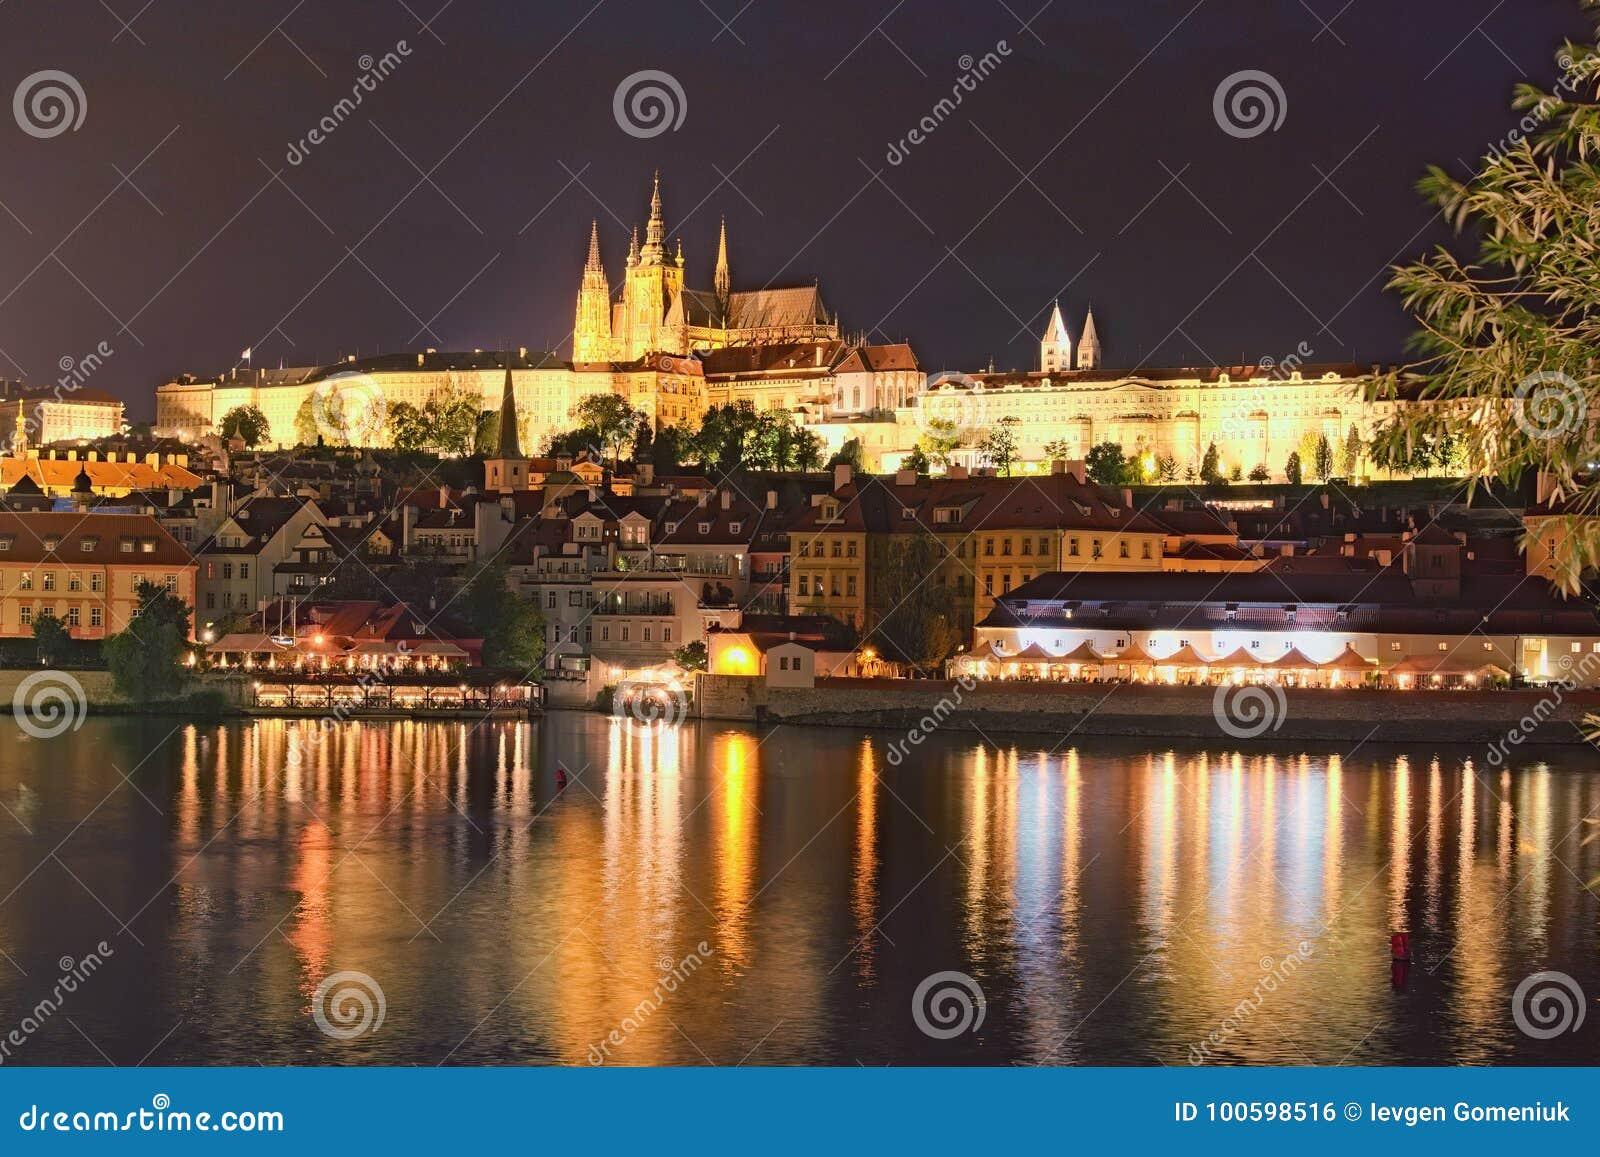 Schilderachtige mening over het Kasteel van Praag, Prazsky hrad in Tsjech, en Vltava-rivier De avond van de zomer Mening van hoof